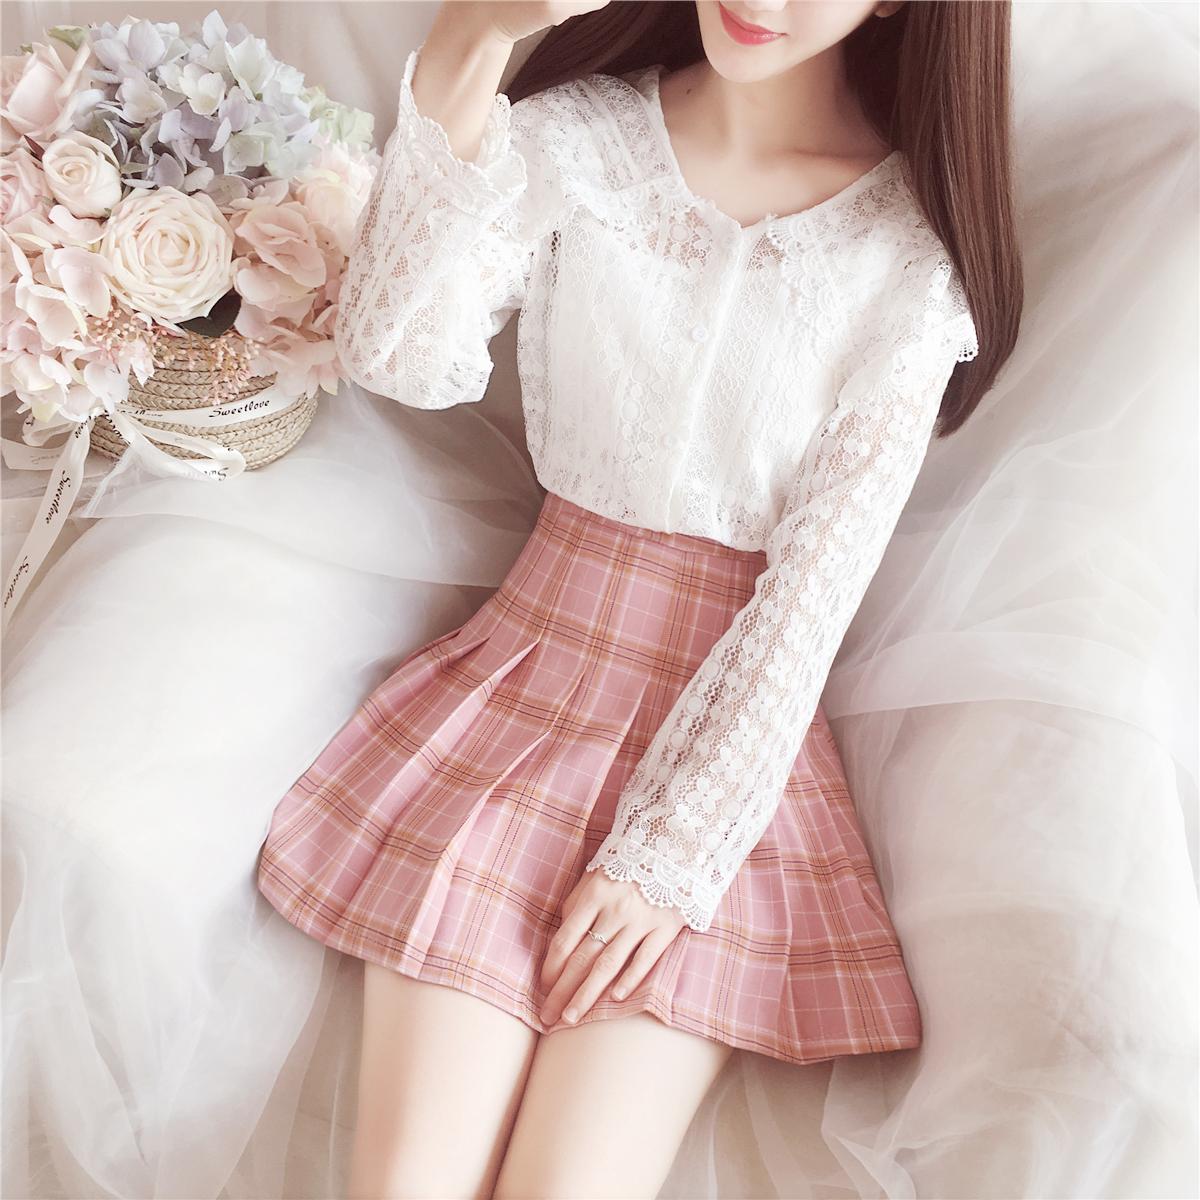 2018秋冬新款小清新甜美韩系白色长袖娃娃领打底蕾丝衫上衣女装仙